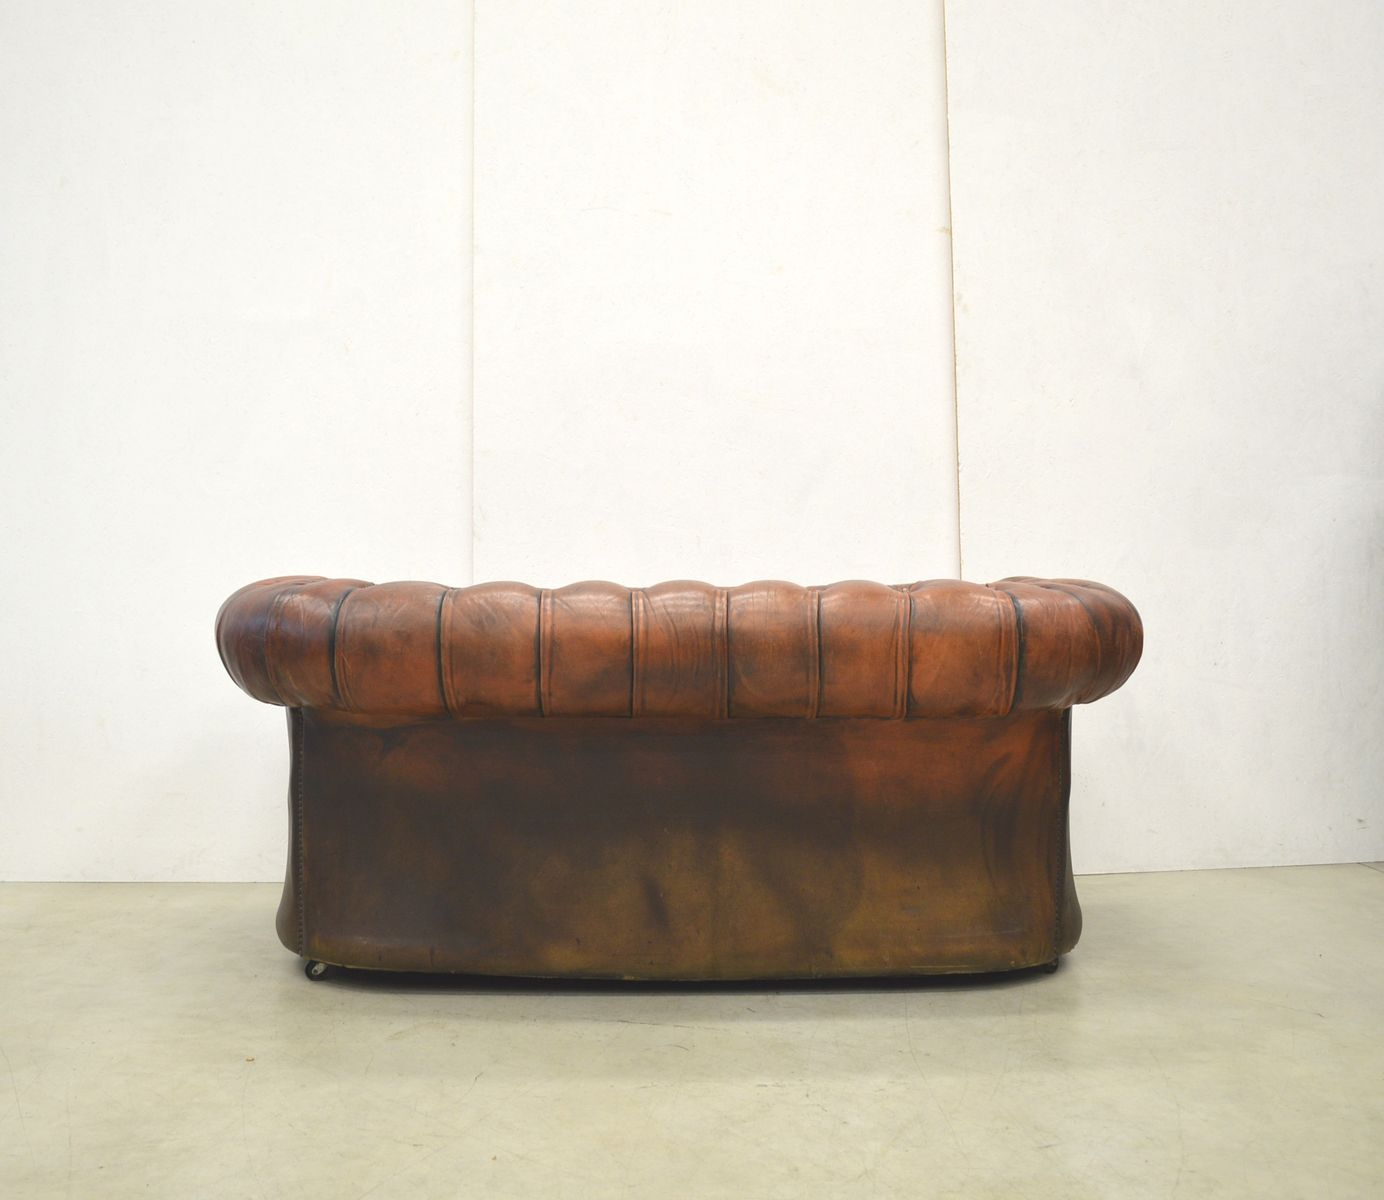 Englisches Art Deco Cognacfarbenes Chesterfield Zwei Sitzer Sofa 1940er Bei Pamono Kaufen